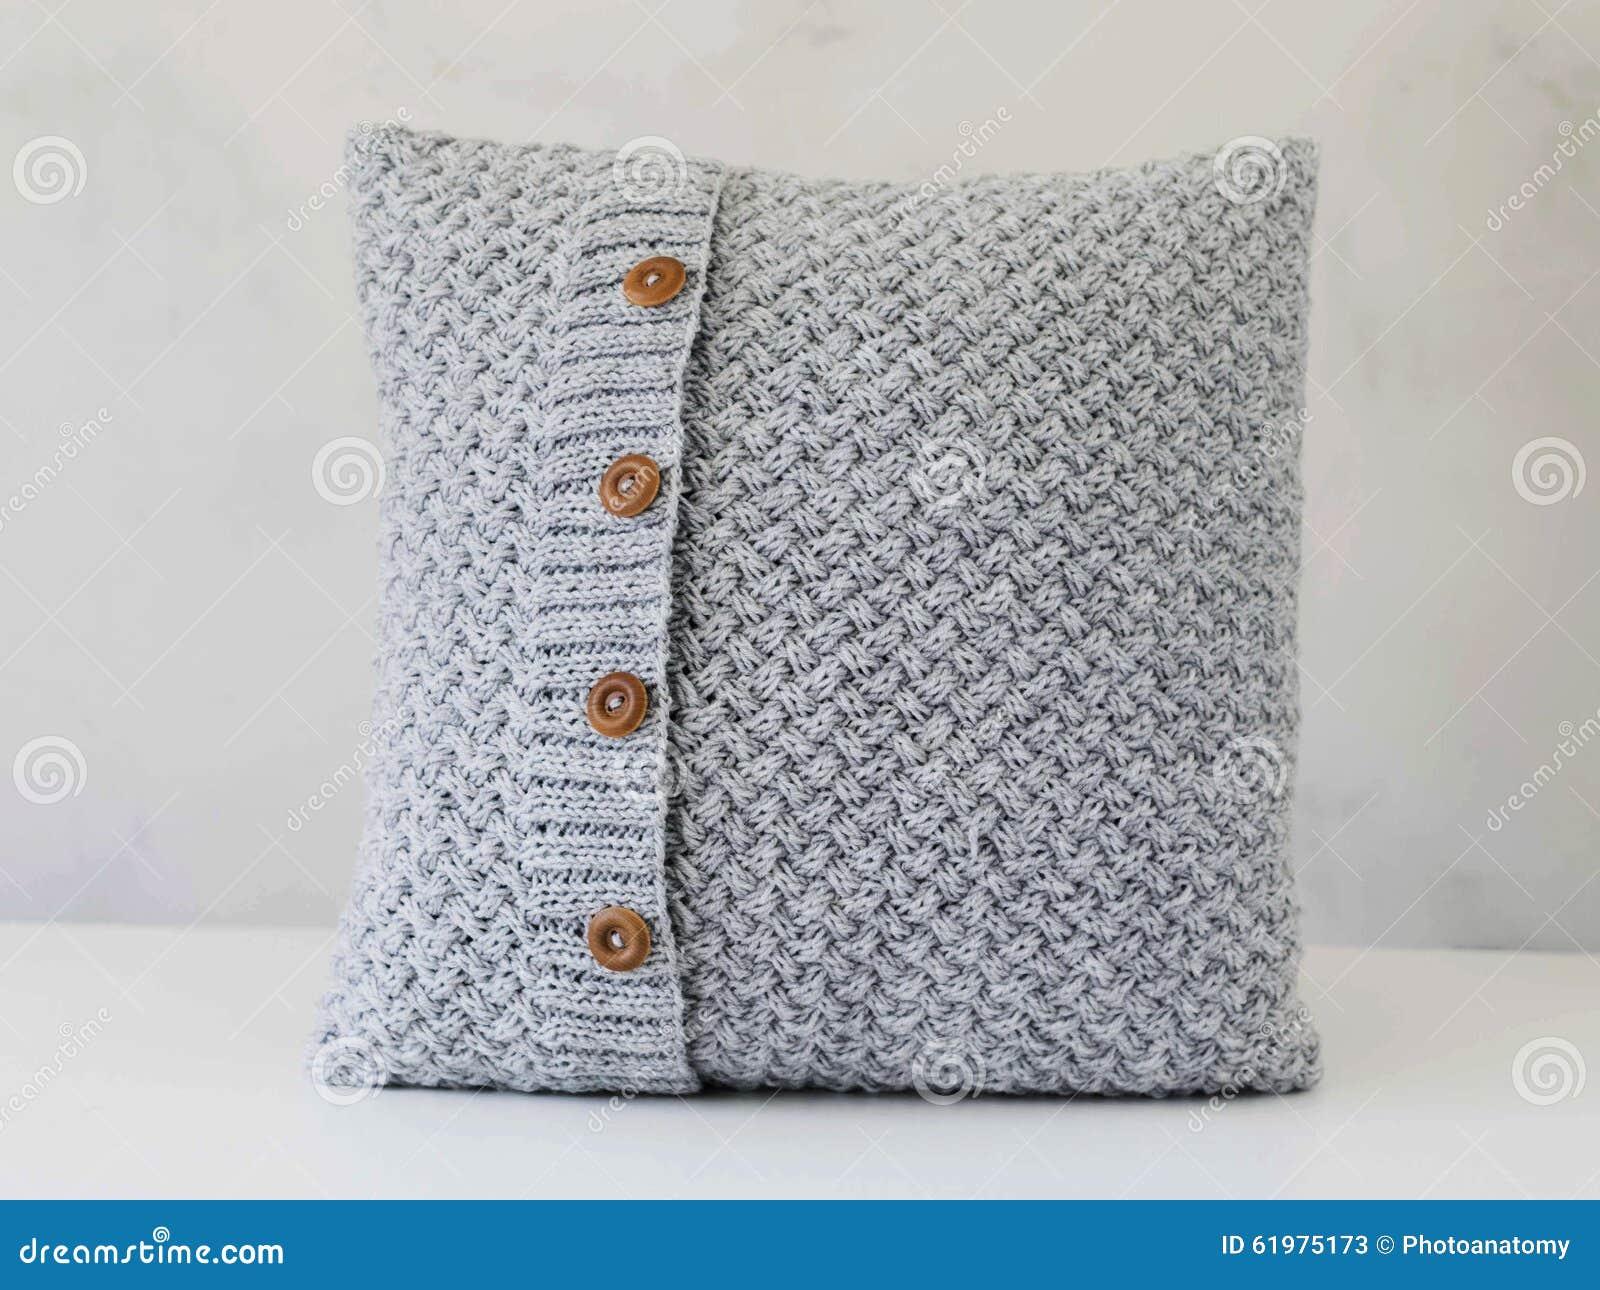 gestricktes graues kissen mit h lzernen kn pfen stockbild bild von kissen cozy 61975173. Black Bedroom Furniture Sets. Home Design Ideas